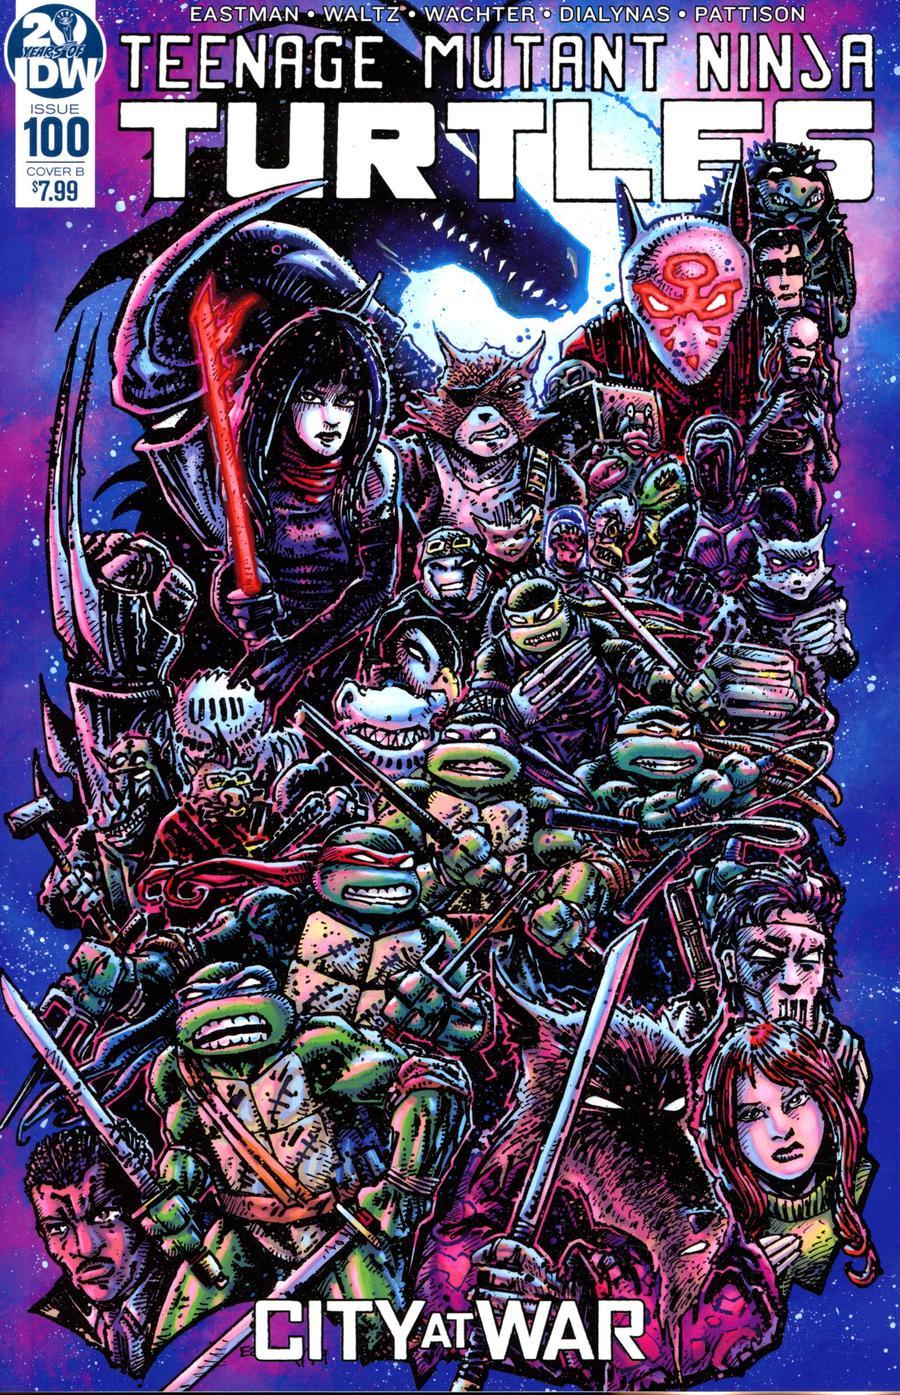 Teenage Mutant Ninja Turtles Vol 5 #100 Cover B Variant Kevin Eastman Cover